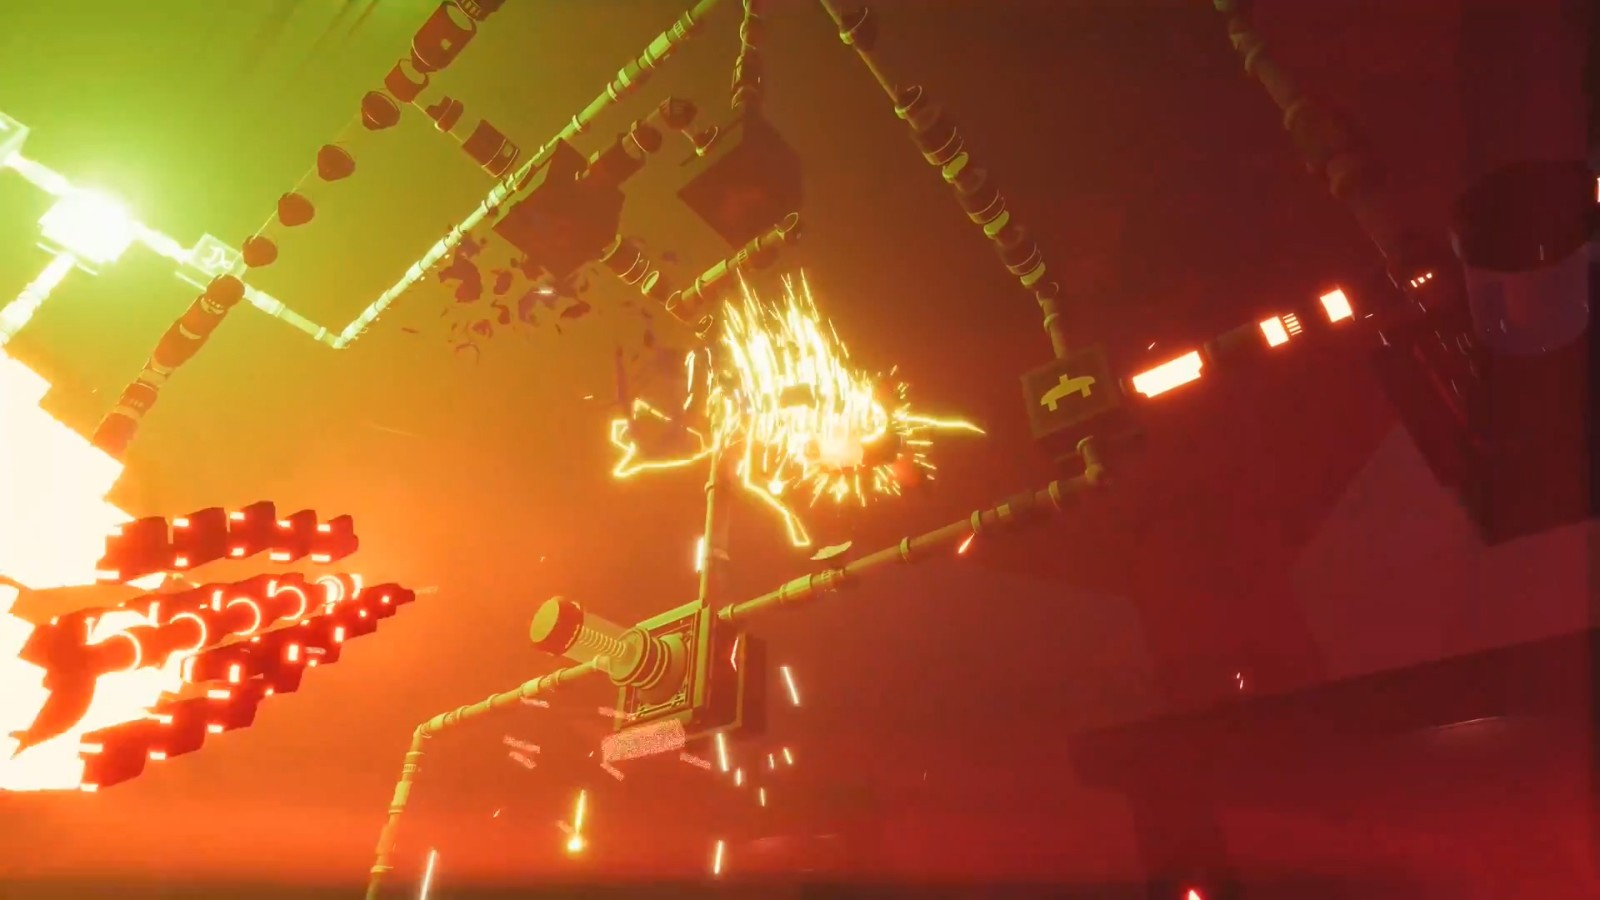 类恶魔城黑客冒险游戏《再编译》8月19日登陆PS5/XSX/S/PC